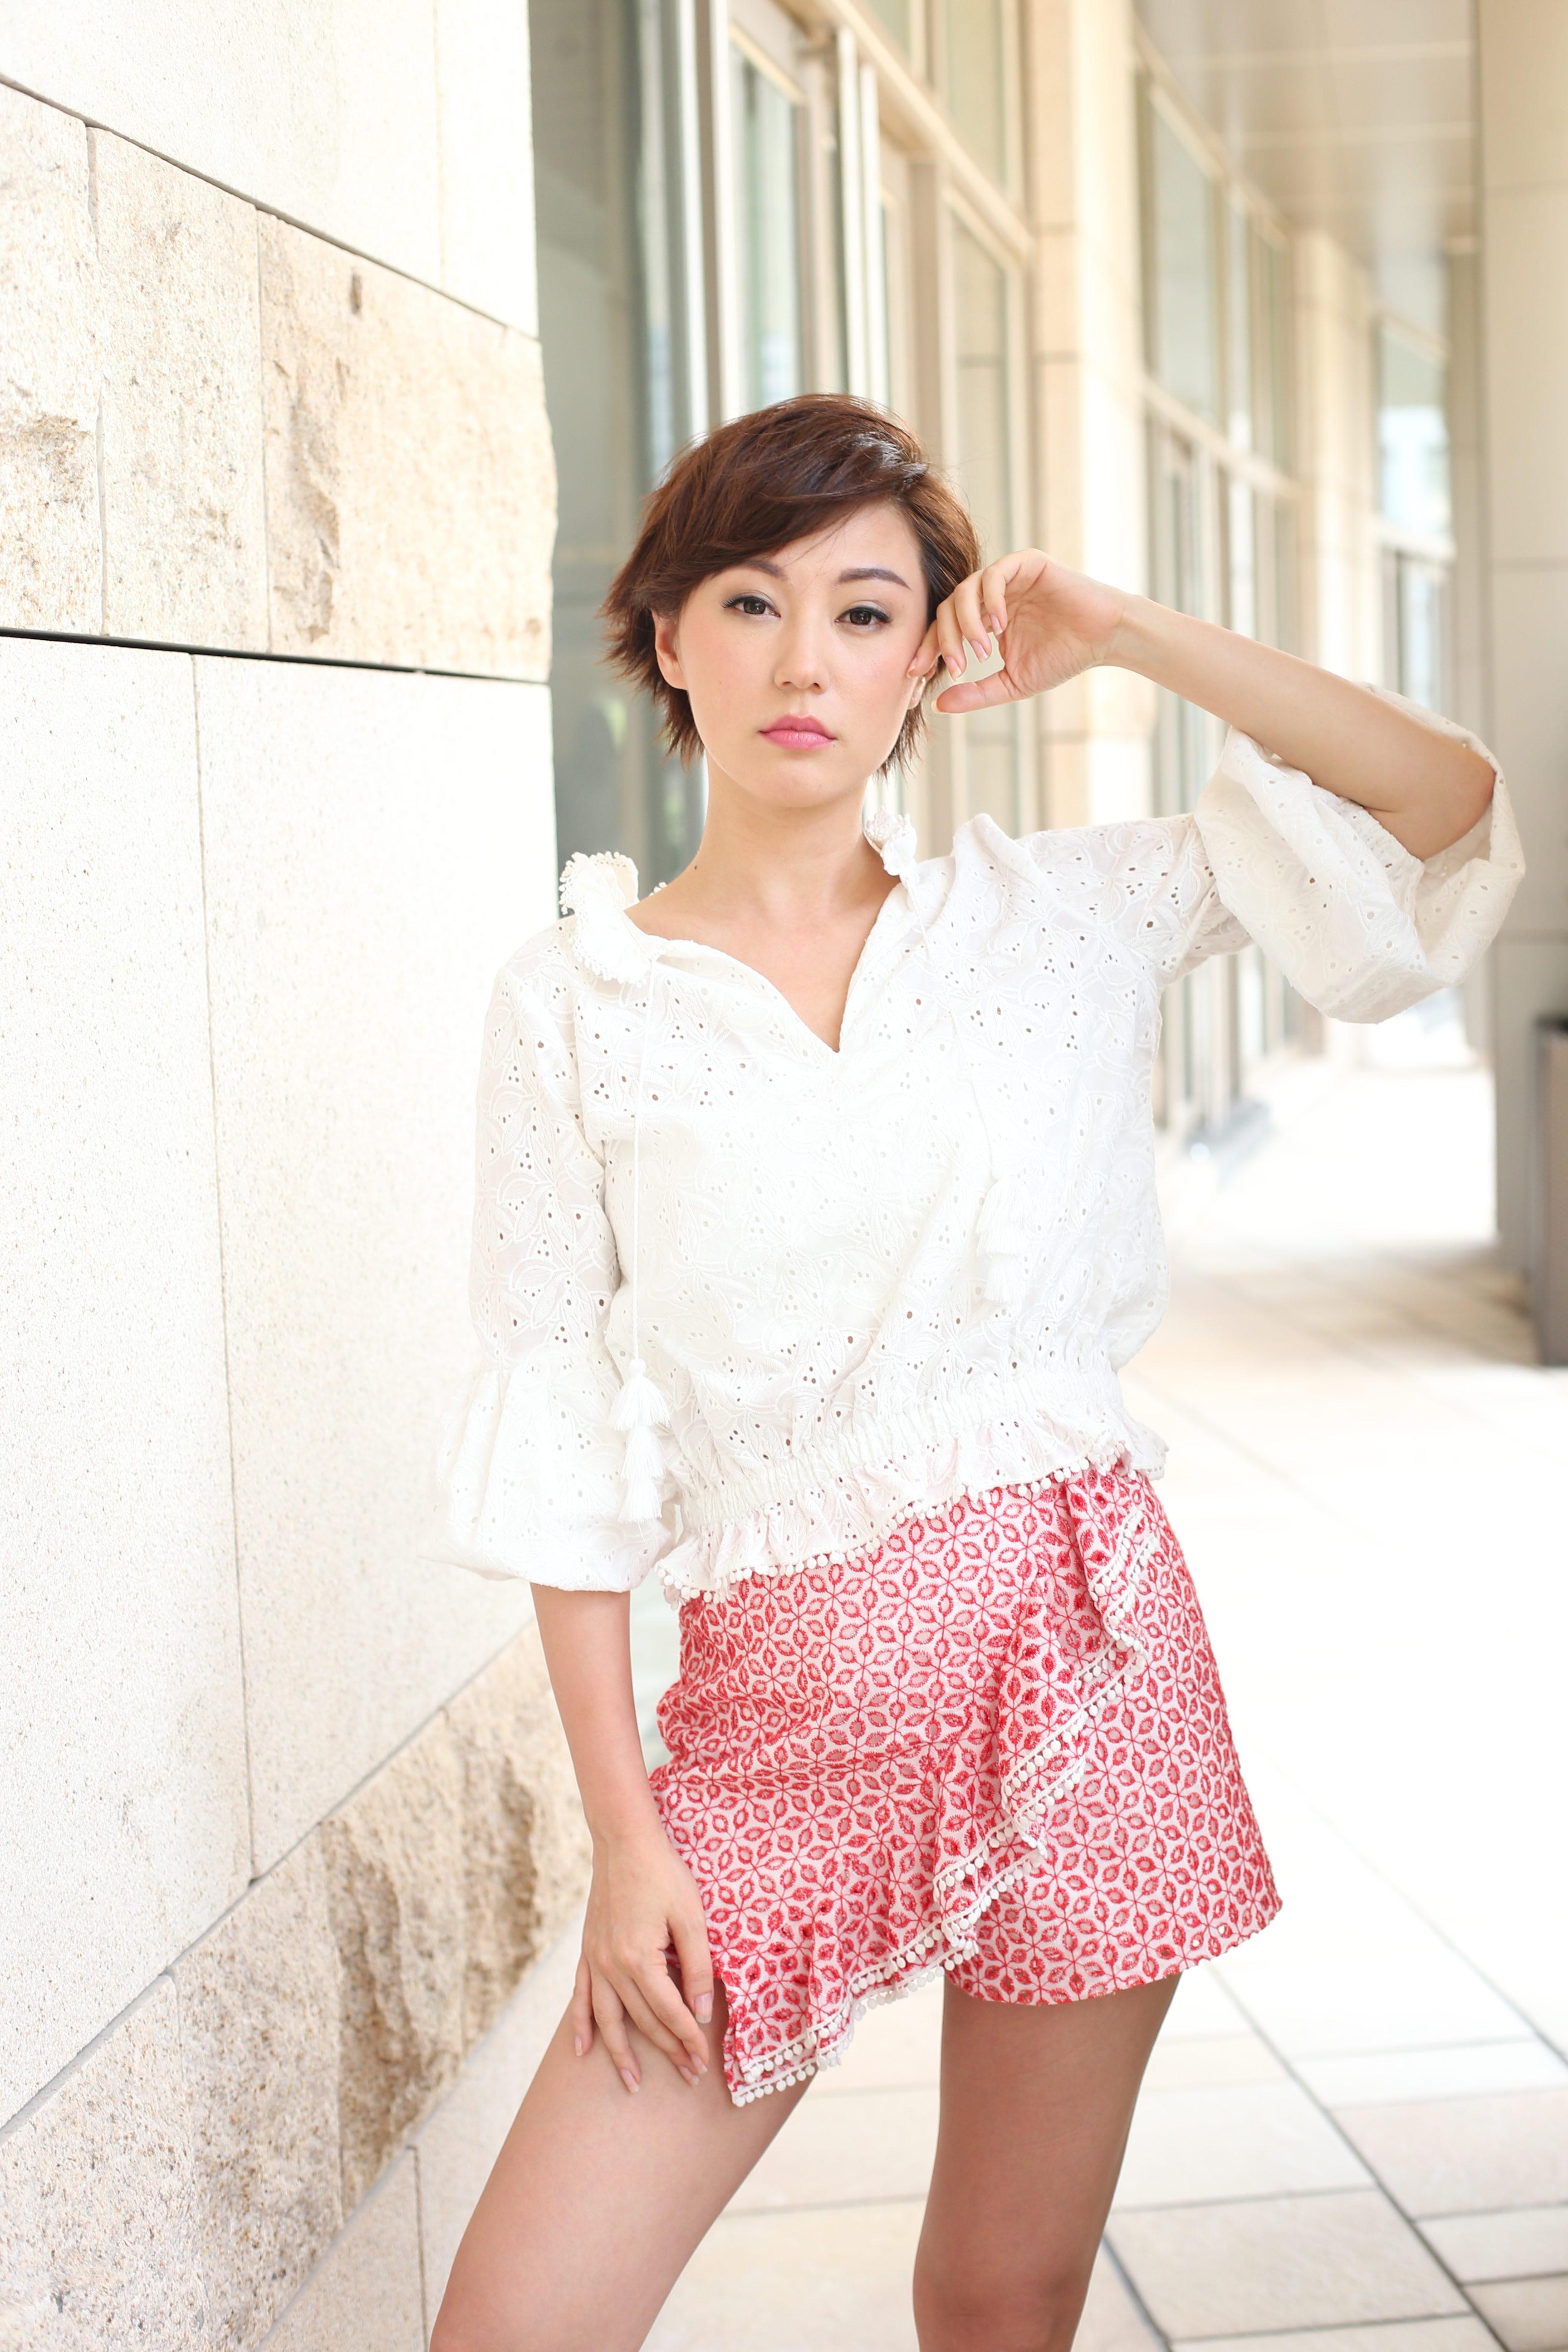 劉心悠表示第一次用廣東話拍劇,壓力相當大,幸好劇組一早給劇本,令她有足夠時間準備。